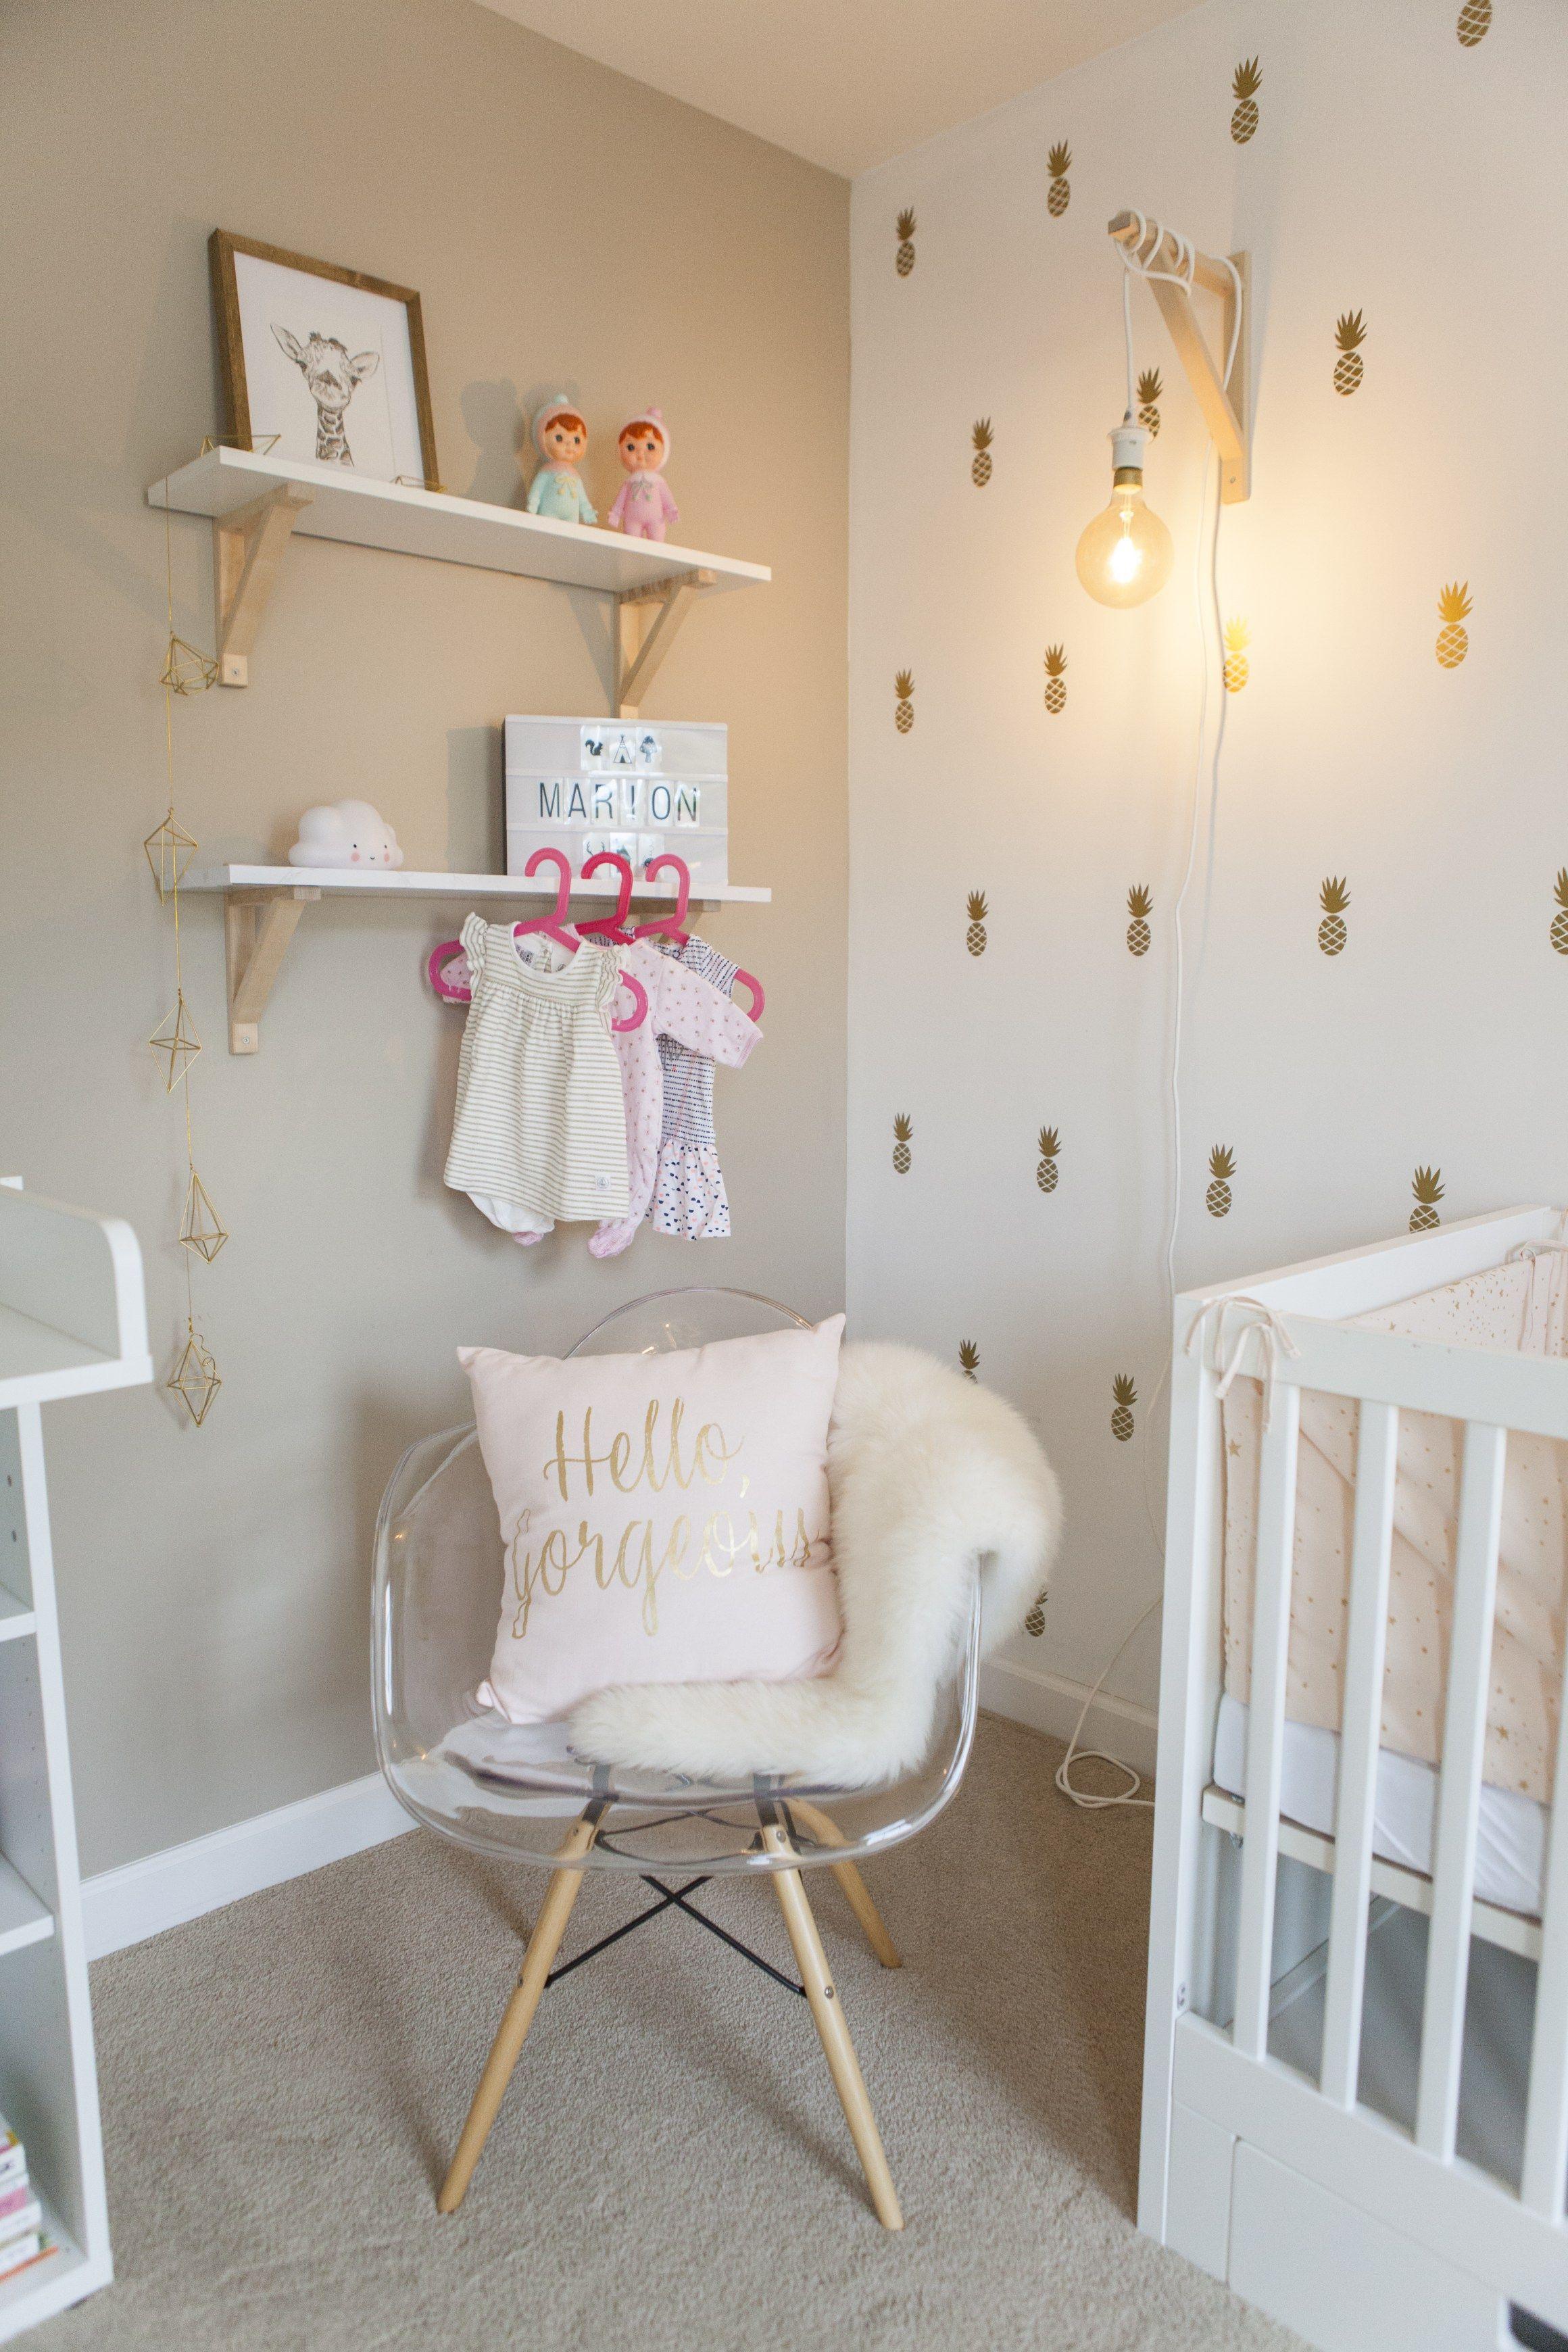 Réalisation: chambre poétique dorée et rose poudré de bébé Marion